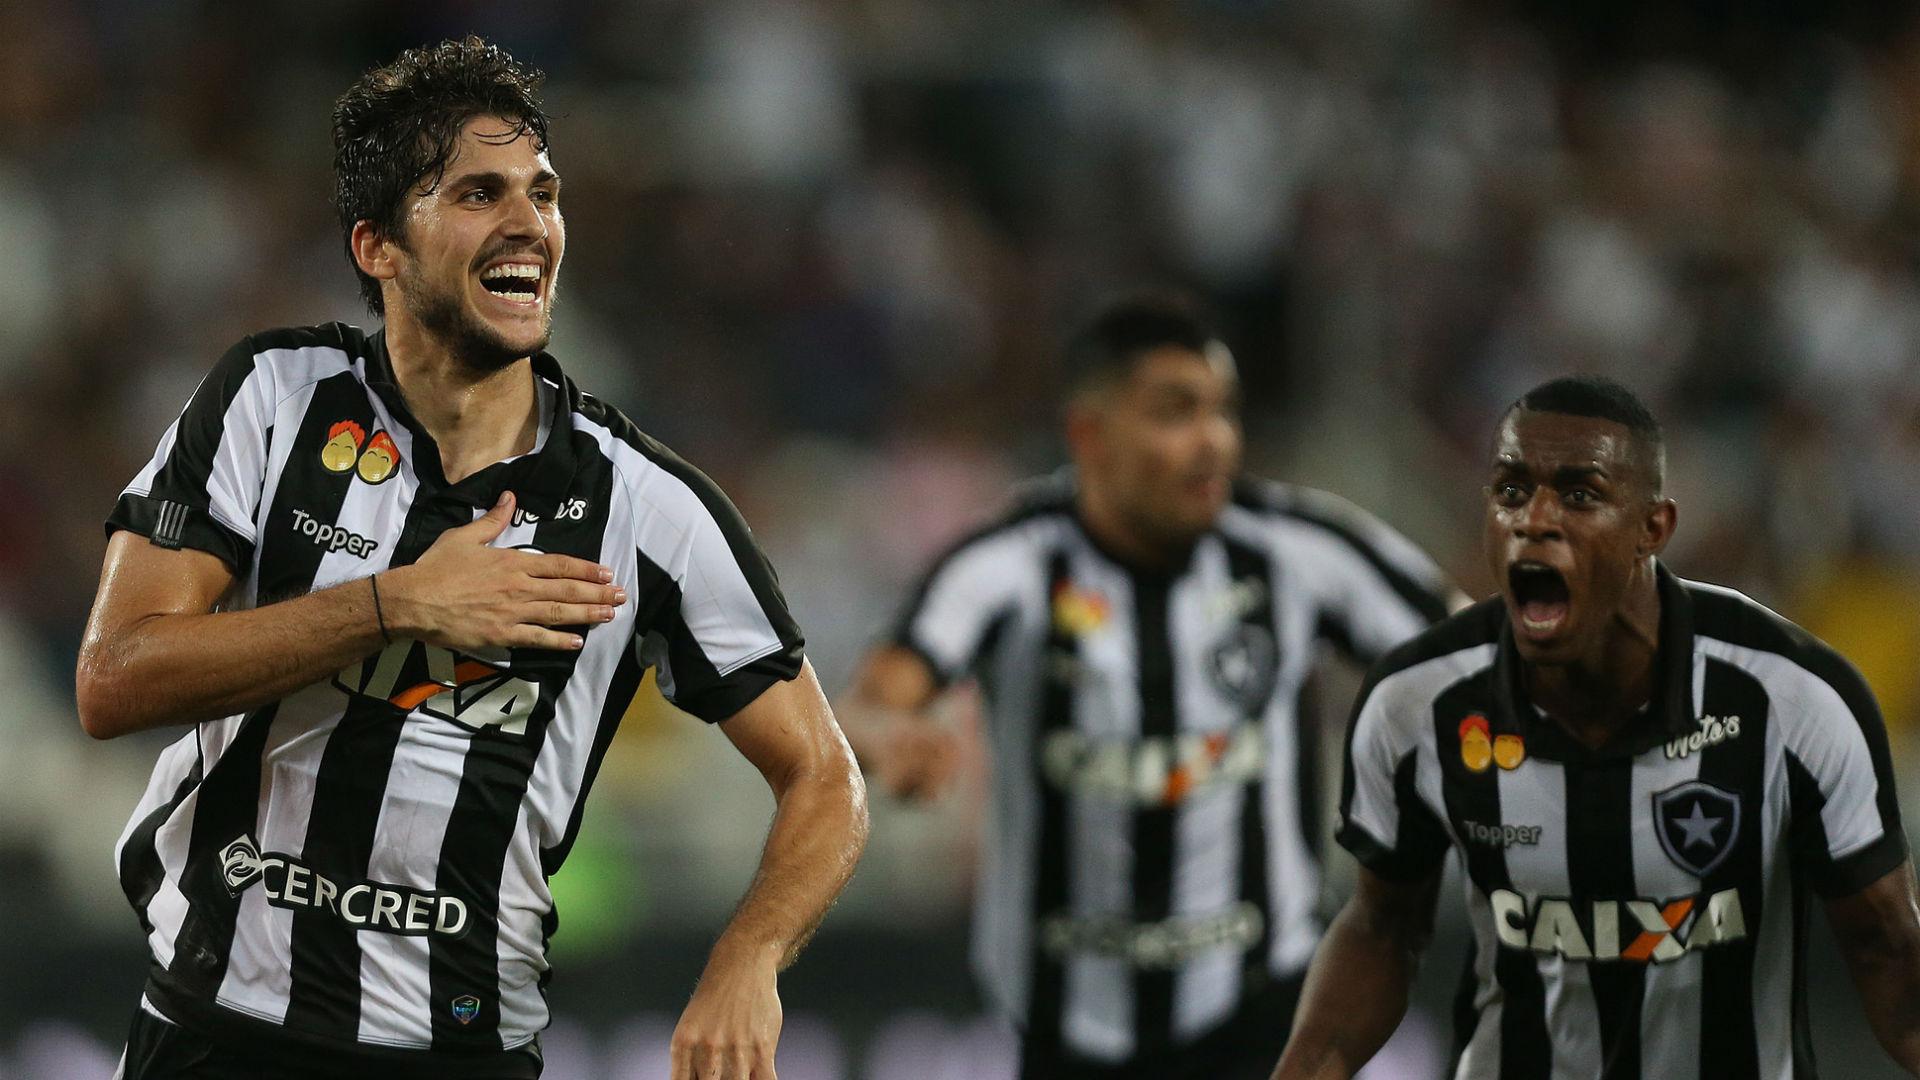 Igor Rabello Marcelo Benevenuto Botafogo Vasco Carioca 24 03 2018